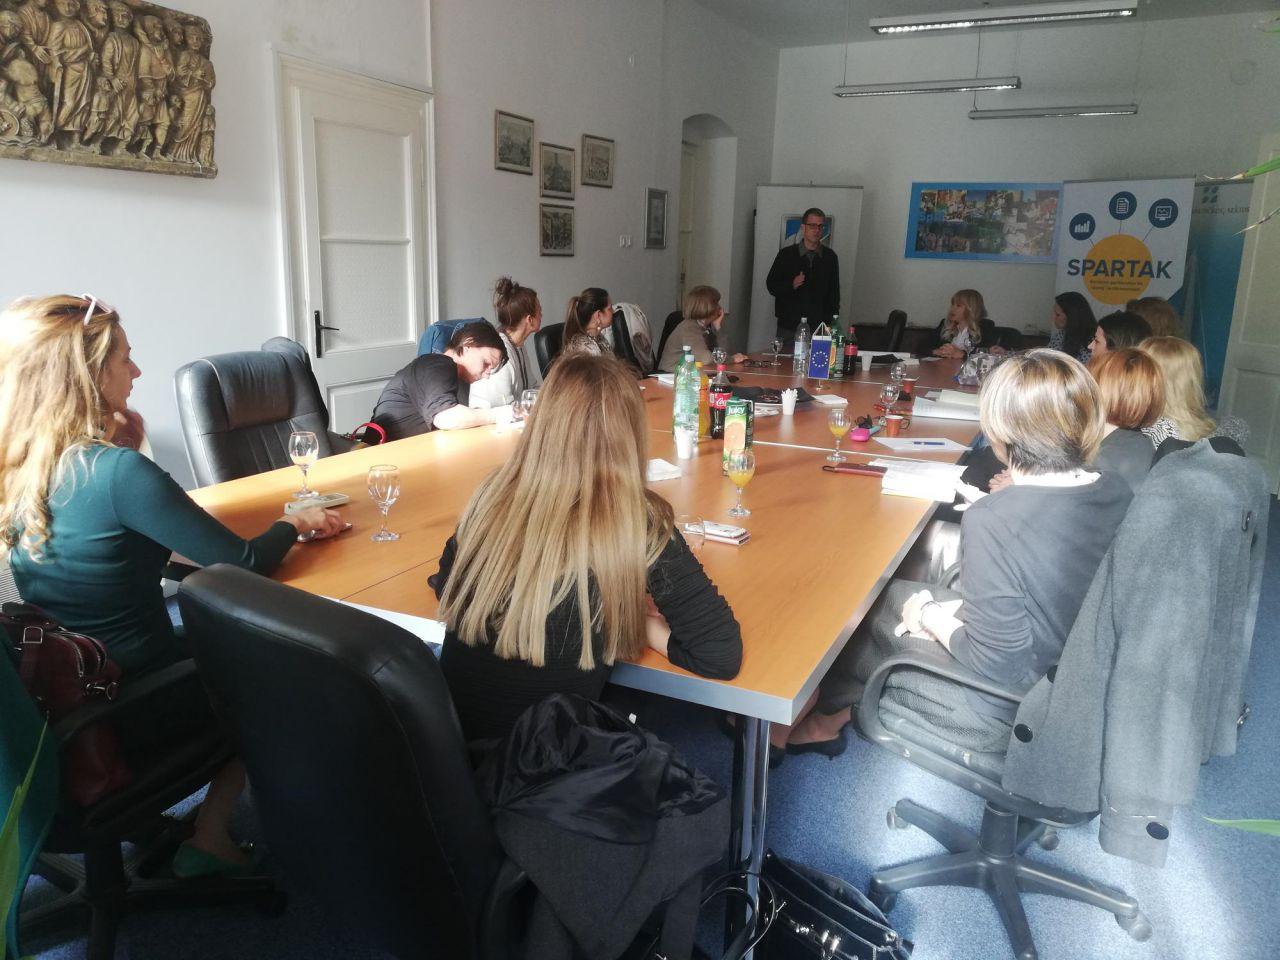 Split - Dva susreta Socijalnog vijeća projekta Spartak